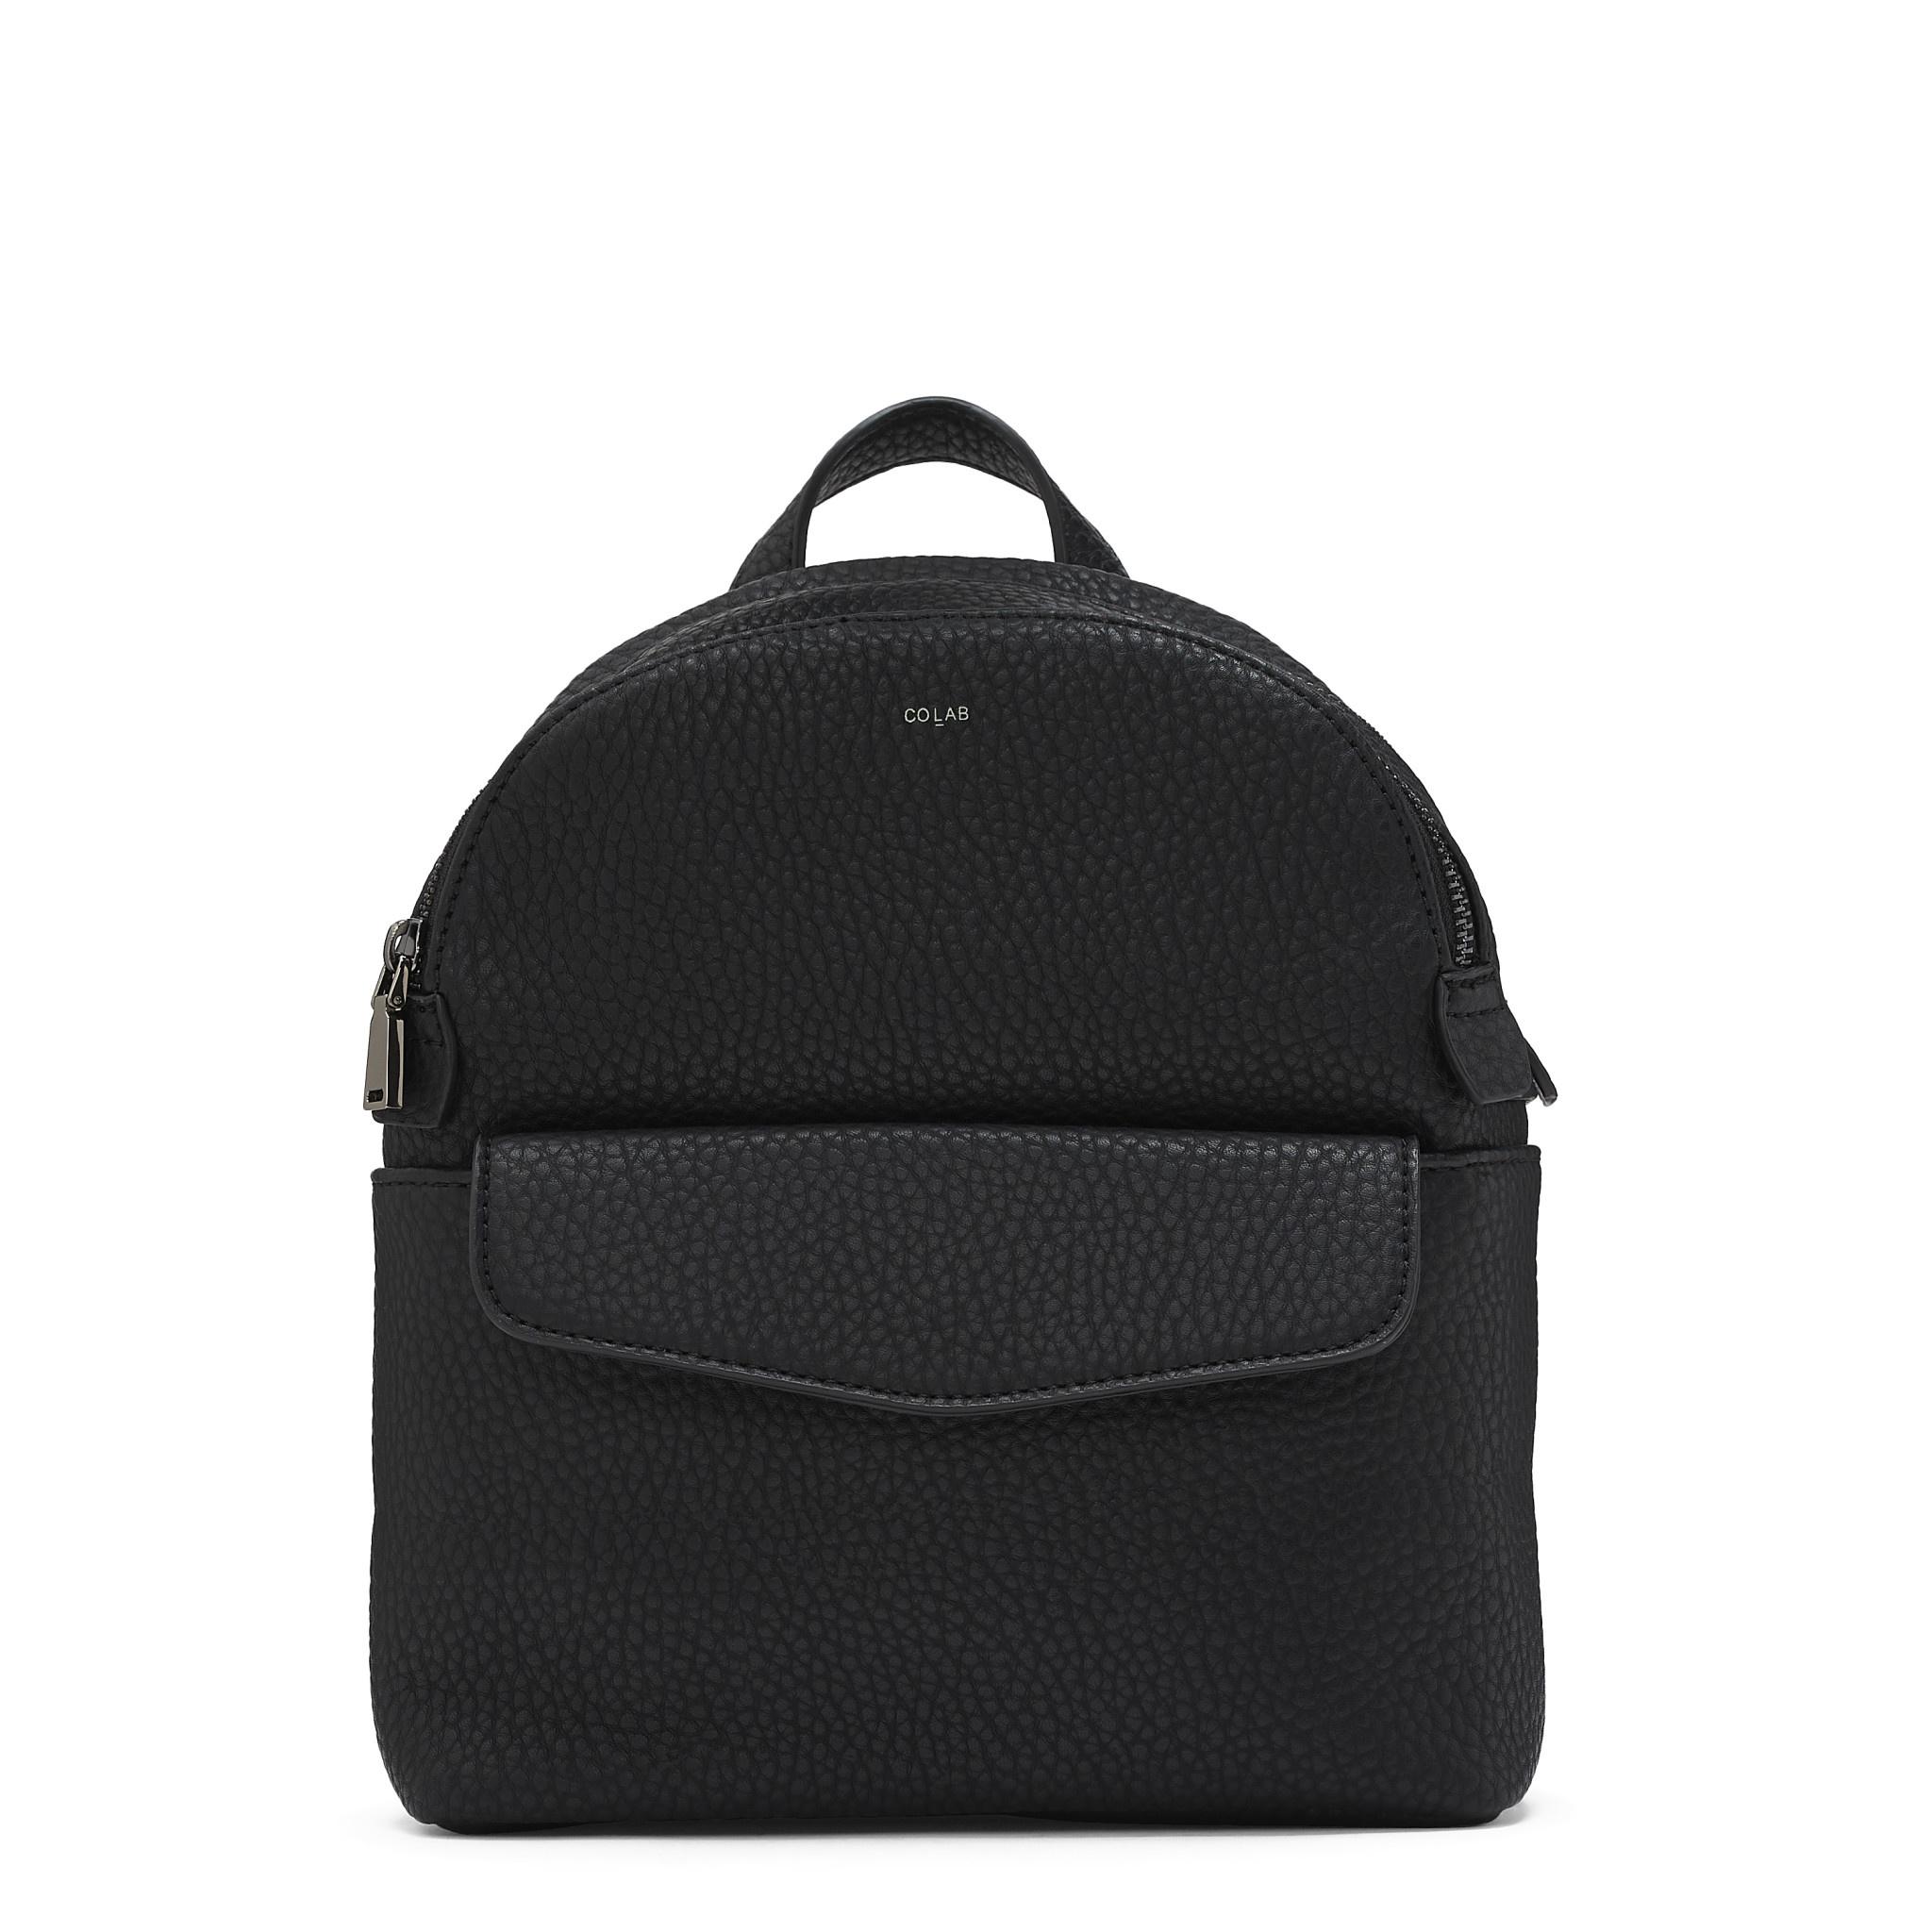 Colab Colab Pebble P.U. Mini Backpack (#6336) - Black